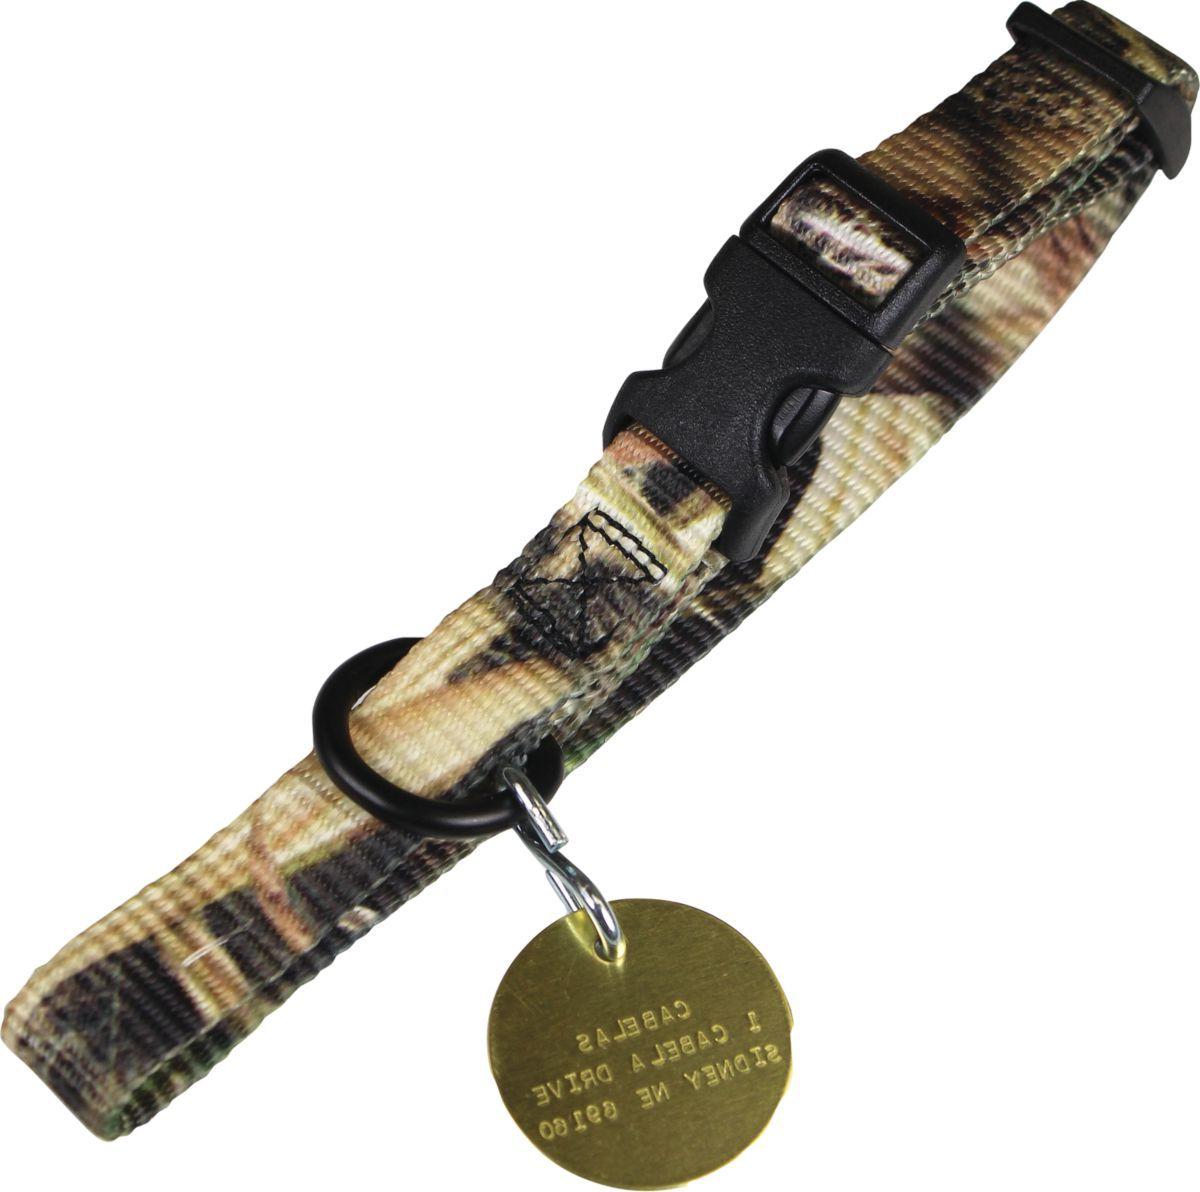 Cabela's Adjustable Blades ID Collars